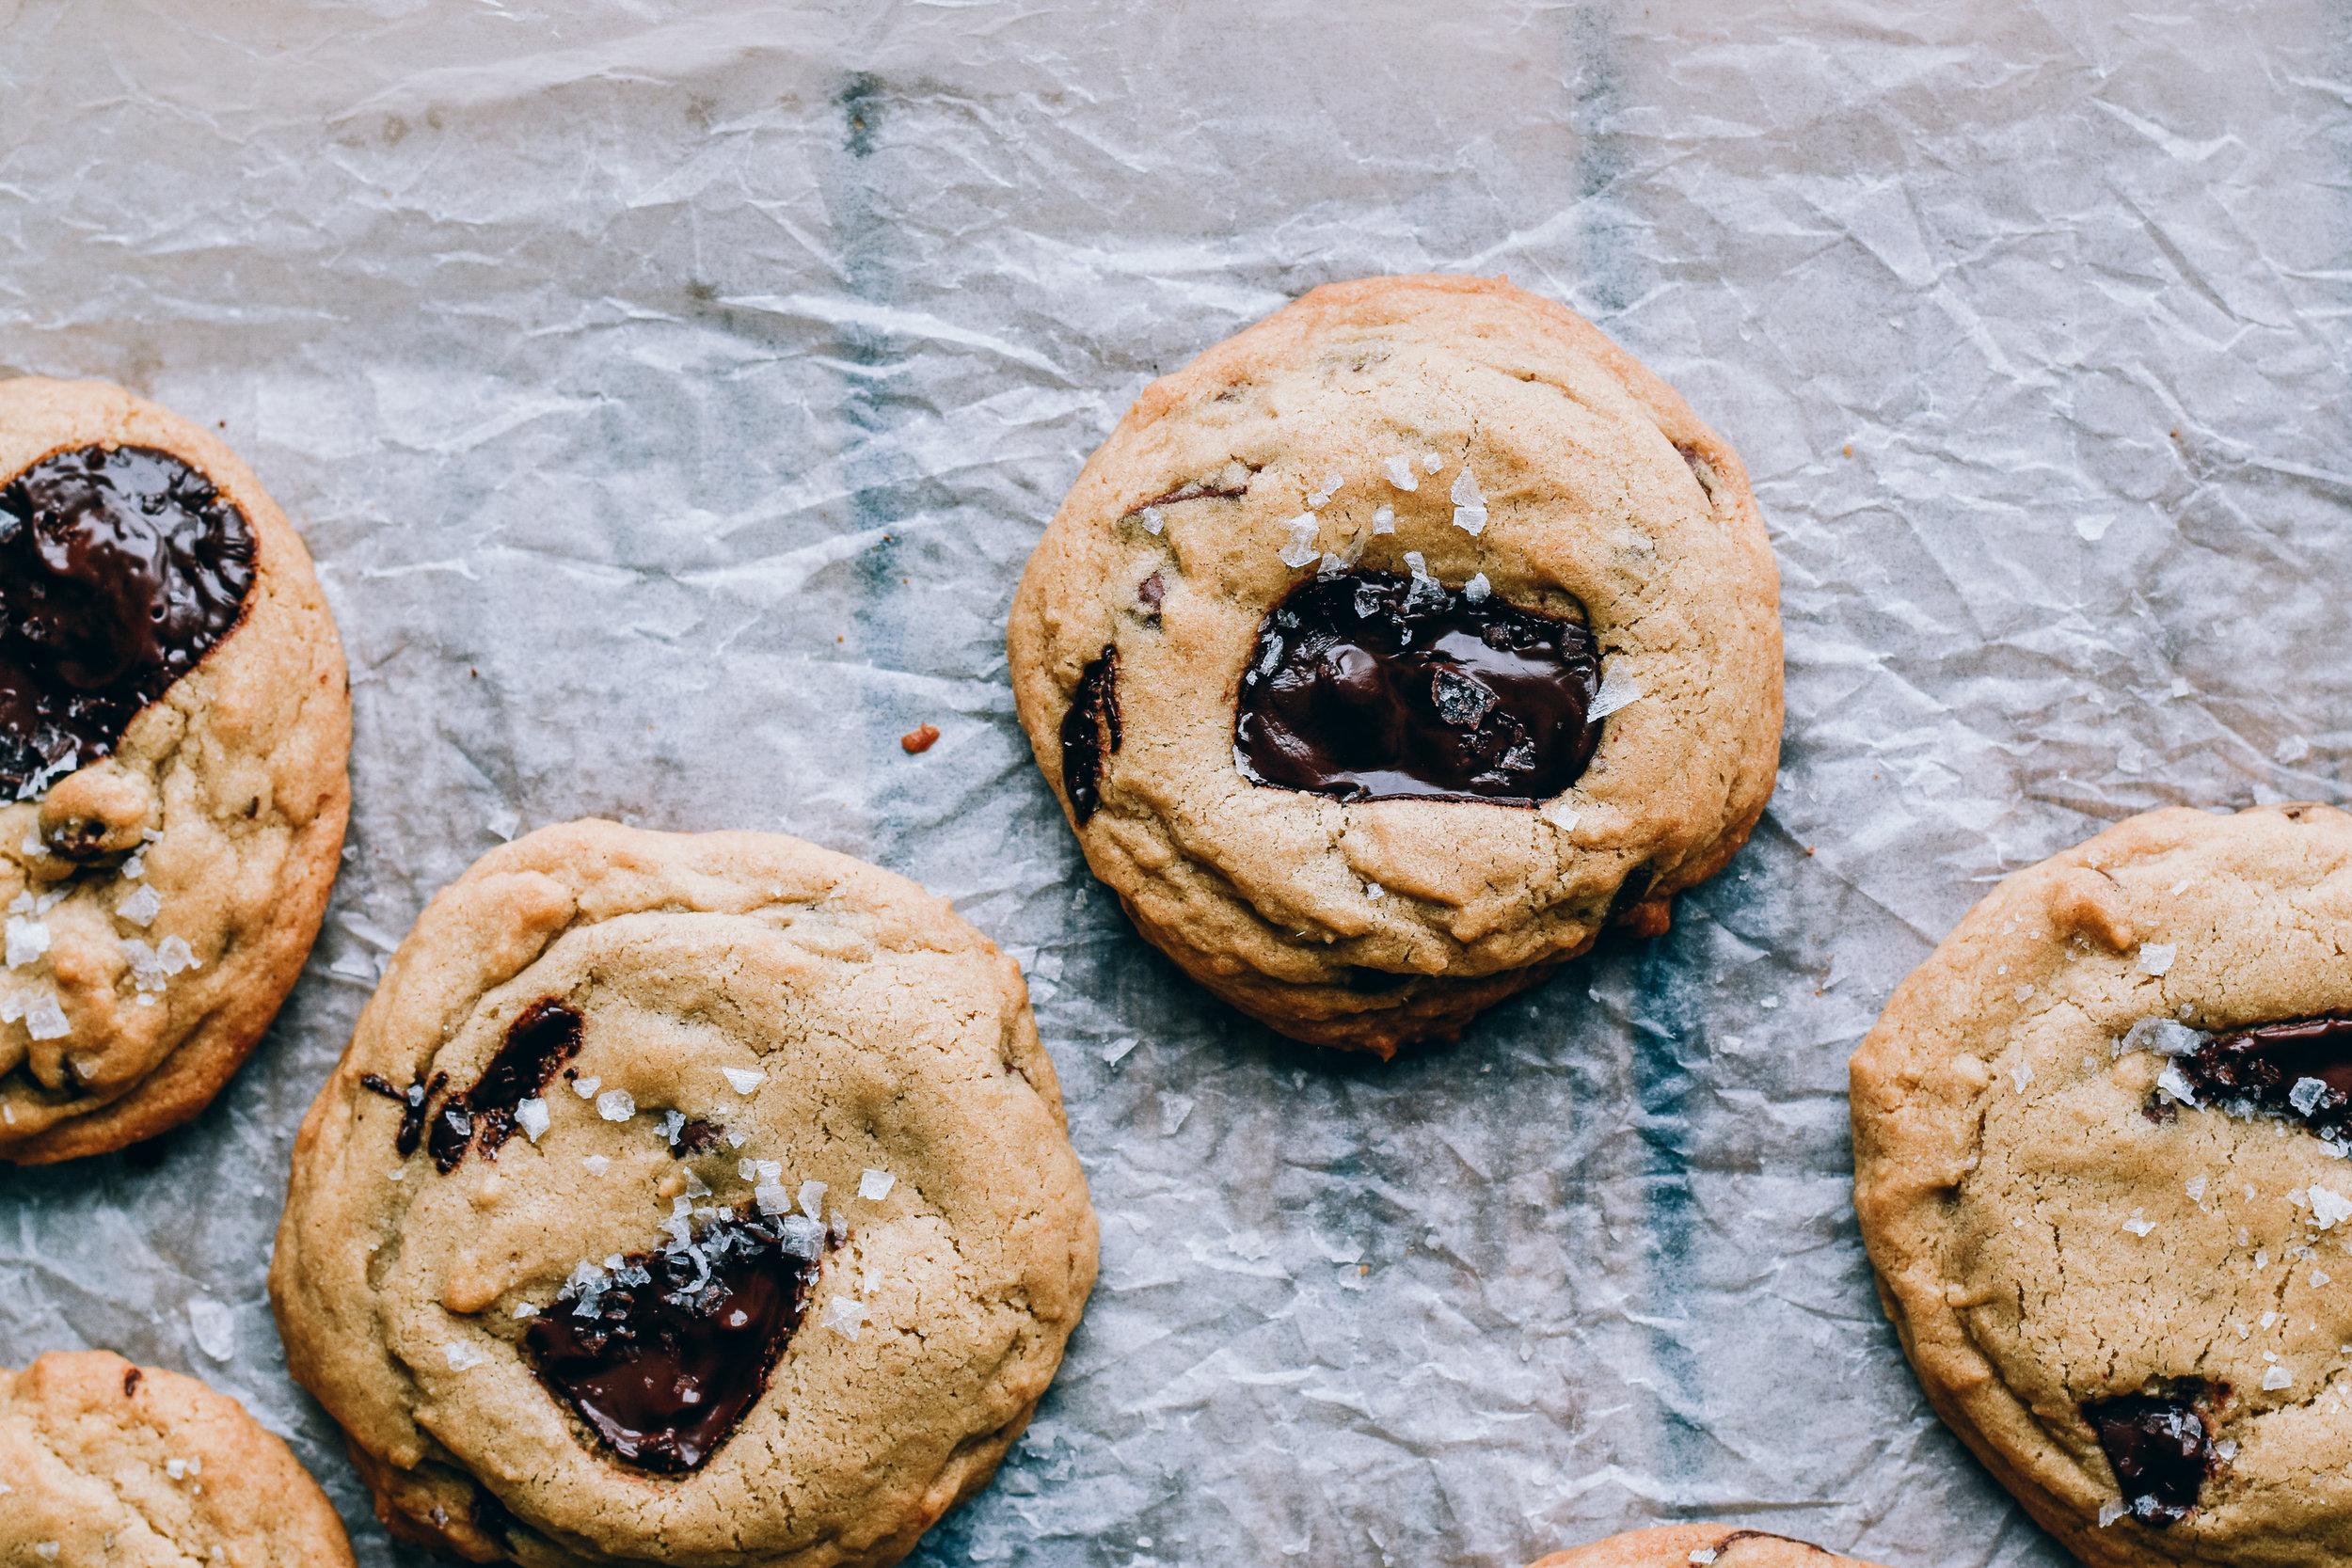 chocolatechipcookies_thefarmersdaughter-71.jpg